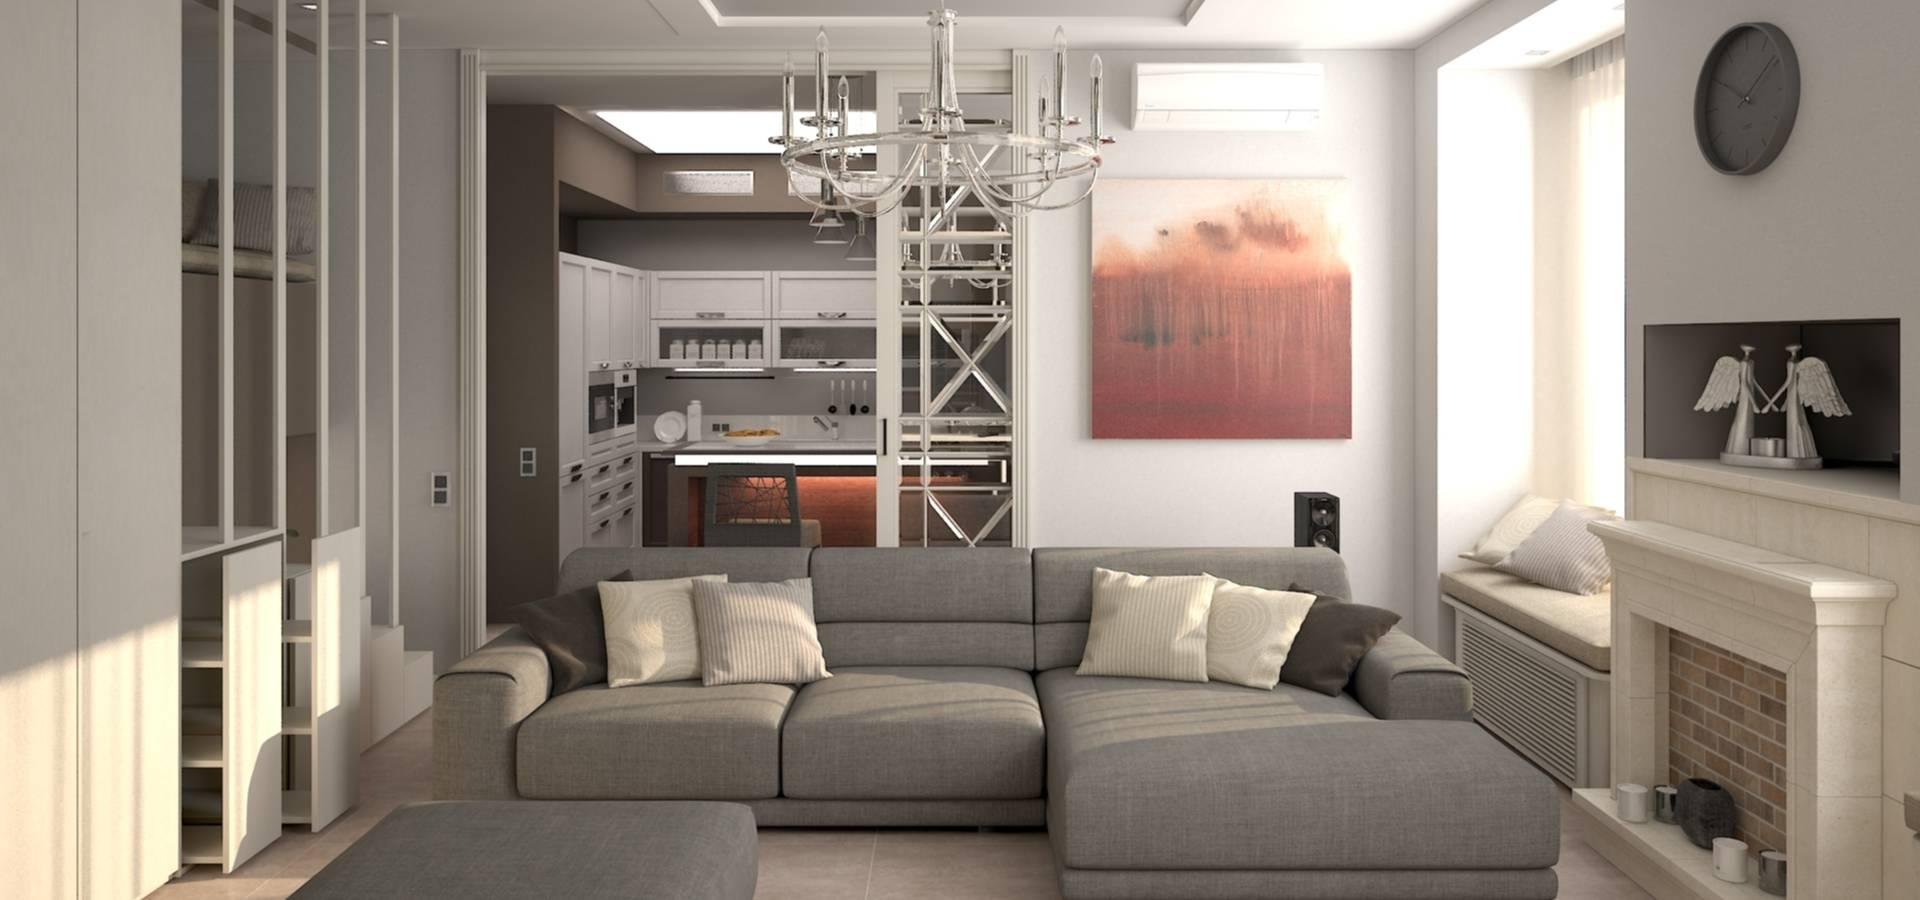 Alfia Ilkiv Interior Designer